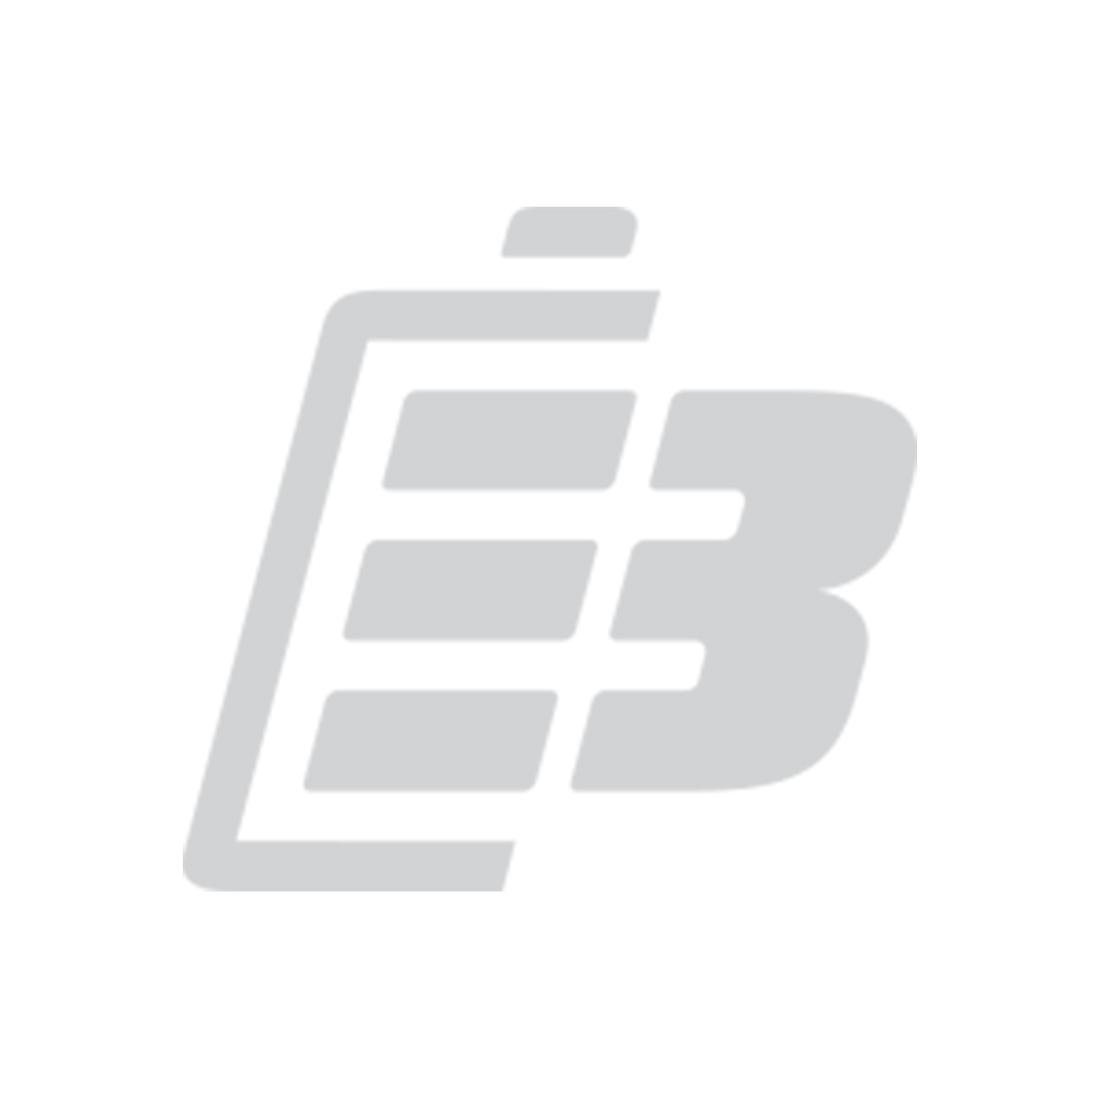 Μπαταρία κινητού τηλεφώνου Alcatel One Touch 383_1